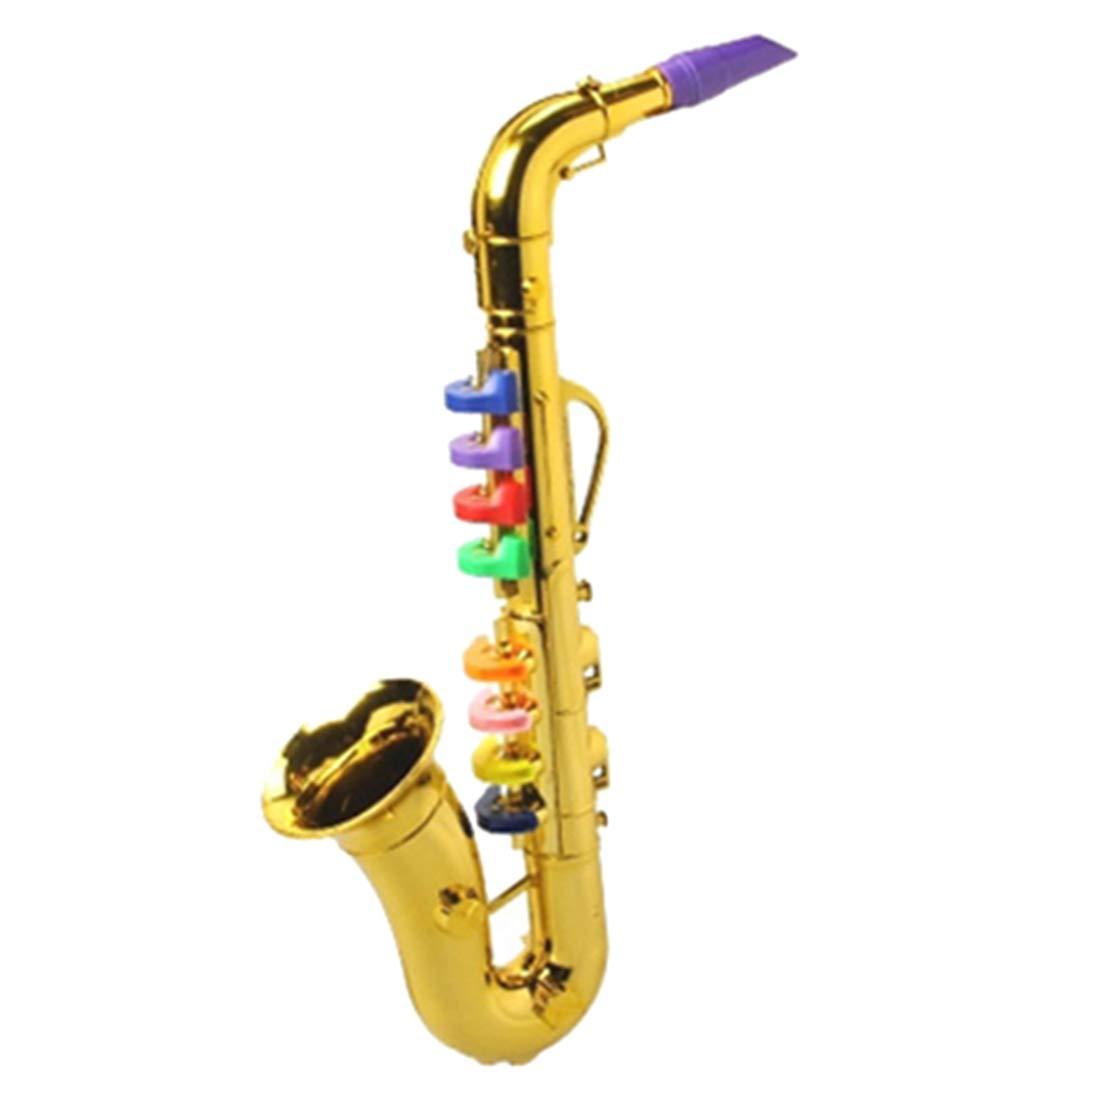 AMITAS Saxophon Kinder 8 T/öne Musikinstrumente Kinder Saxophon Spielzeug 8 farbigen Tasten//Noten f/ür Kinder ab 3 Jahre Golden